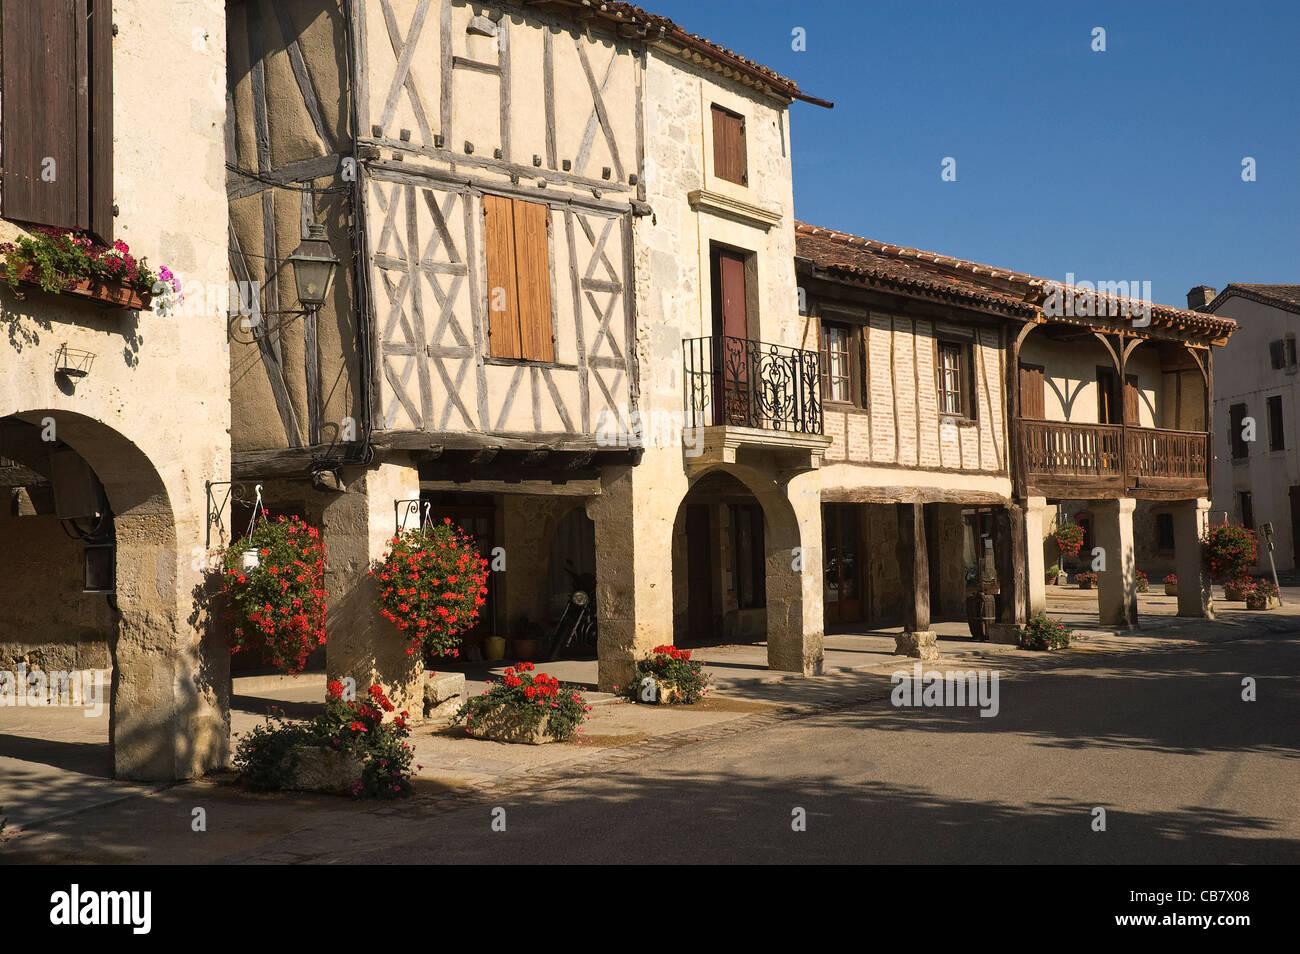 Elk196-1736 Francia, Aquitania Fources, escena de ciudad con arquitectura tradicional. Imagen De Stock